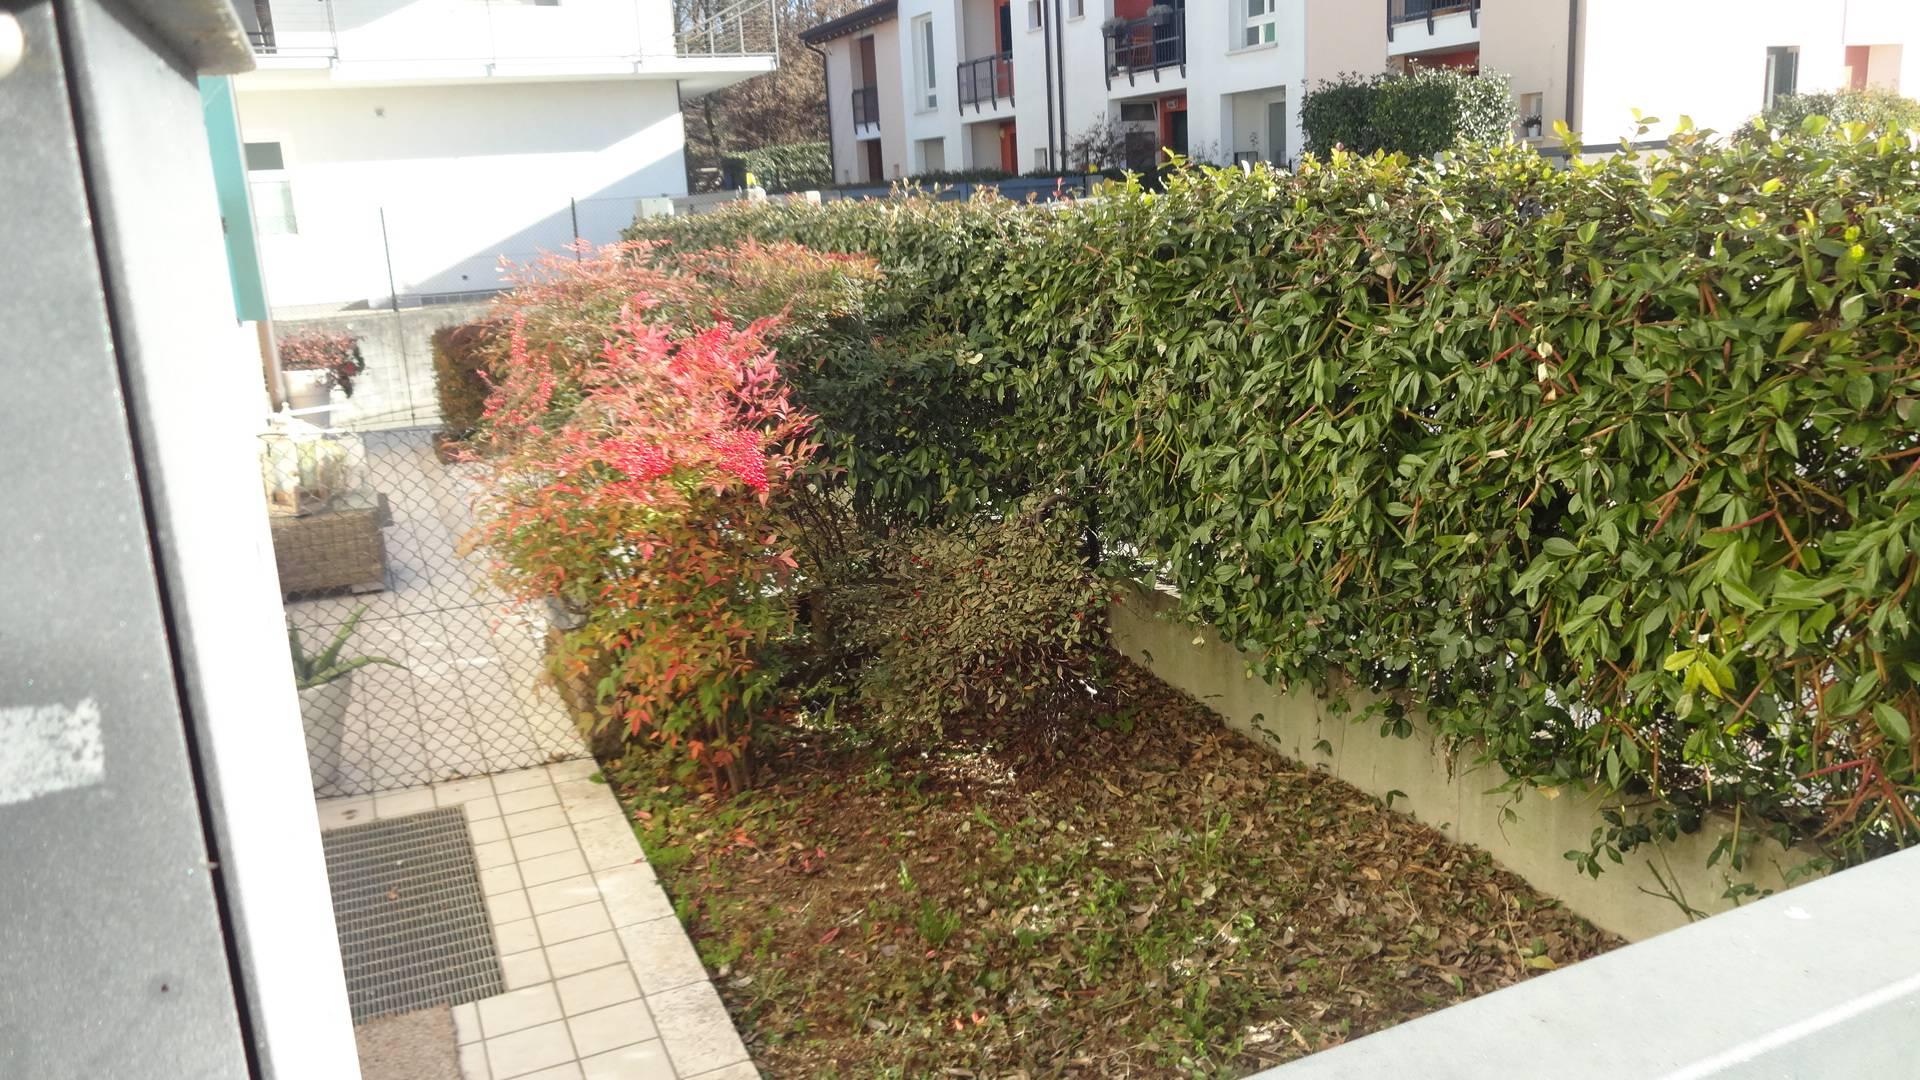 Appartamento in affitto a Montebelluna, 2 locali, zona Zona: Pederiva, prezzo € 330 | Cambio Casa.it